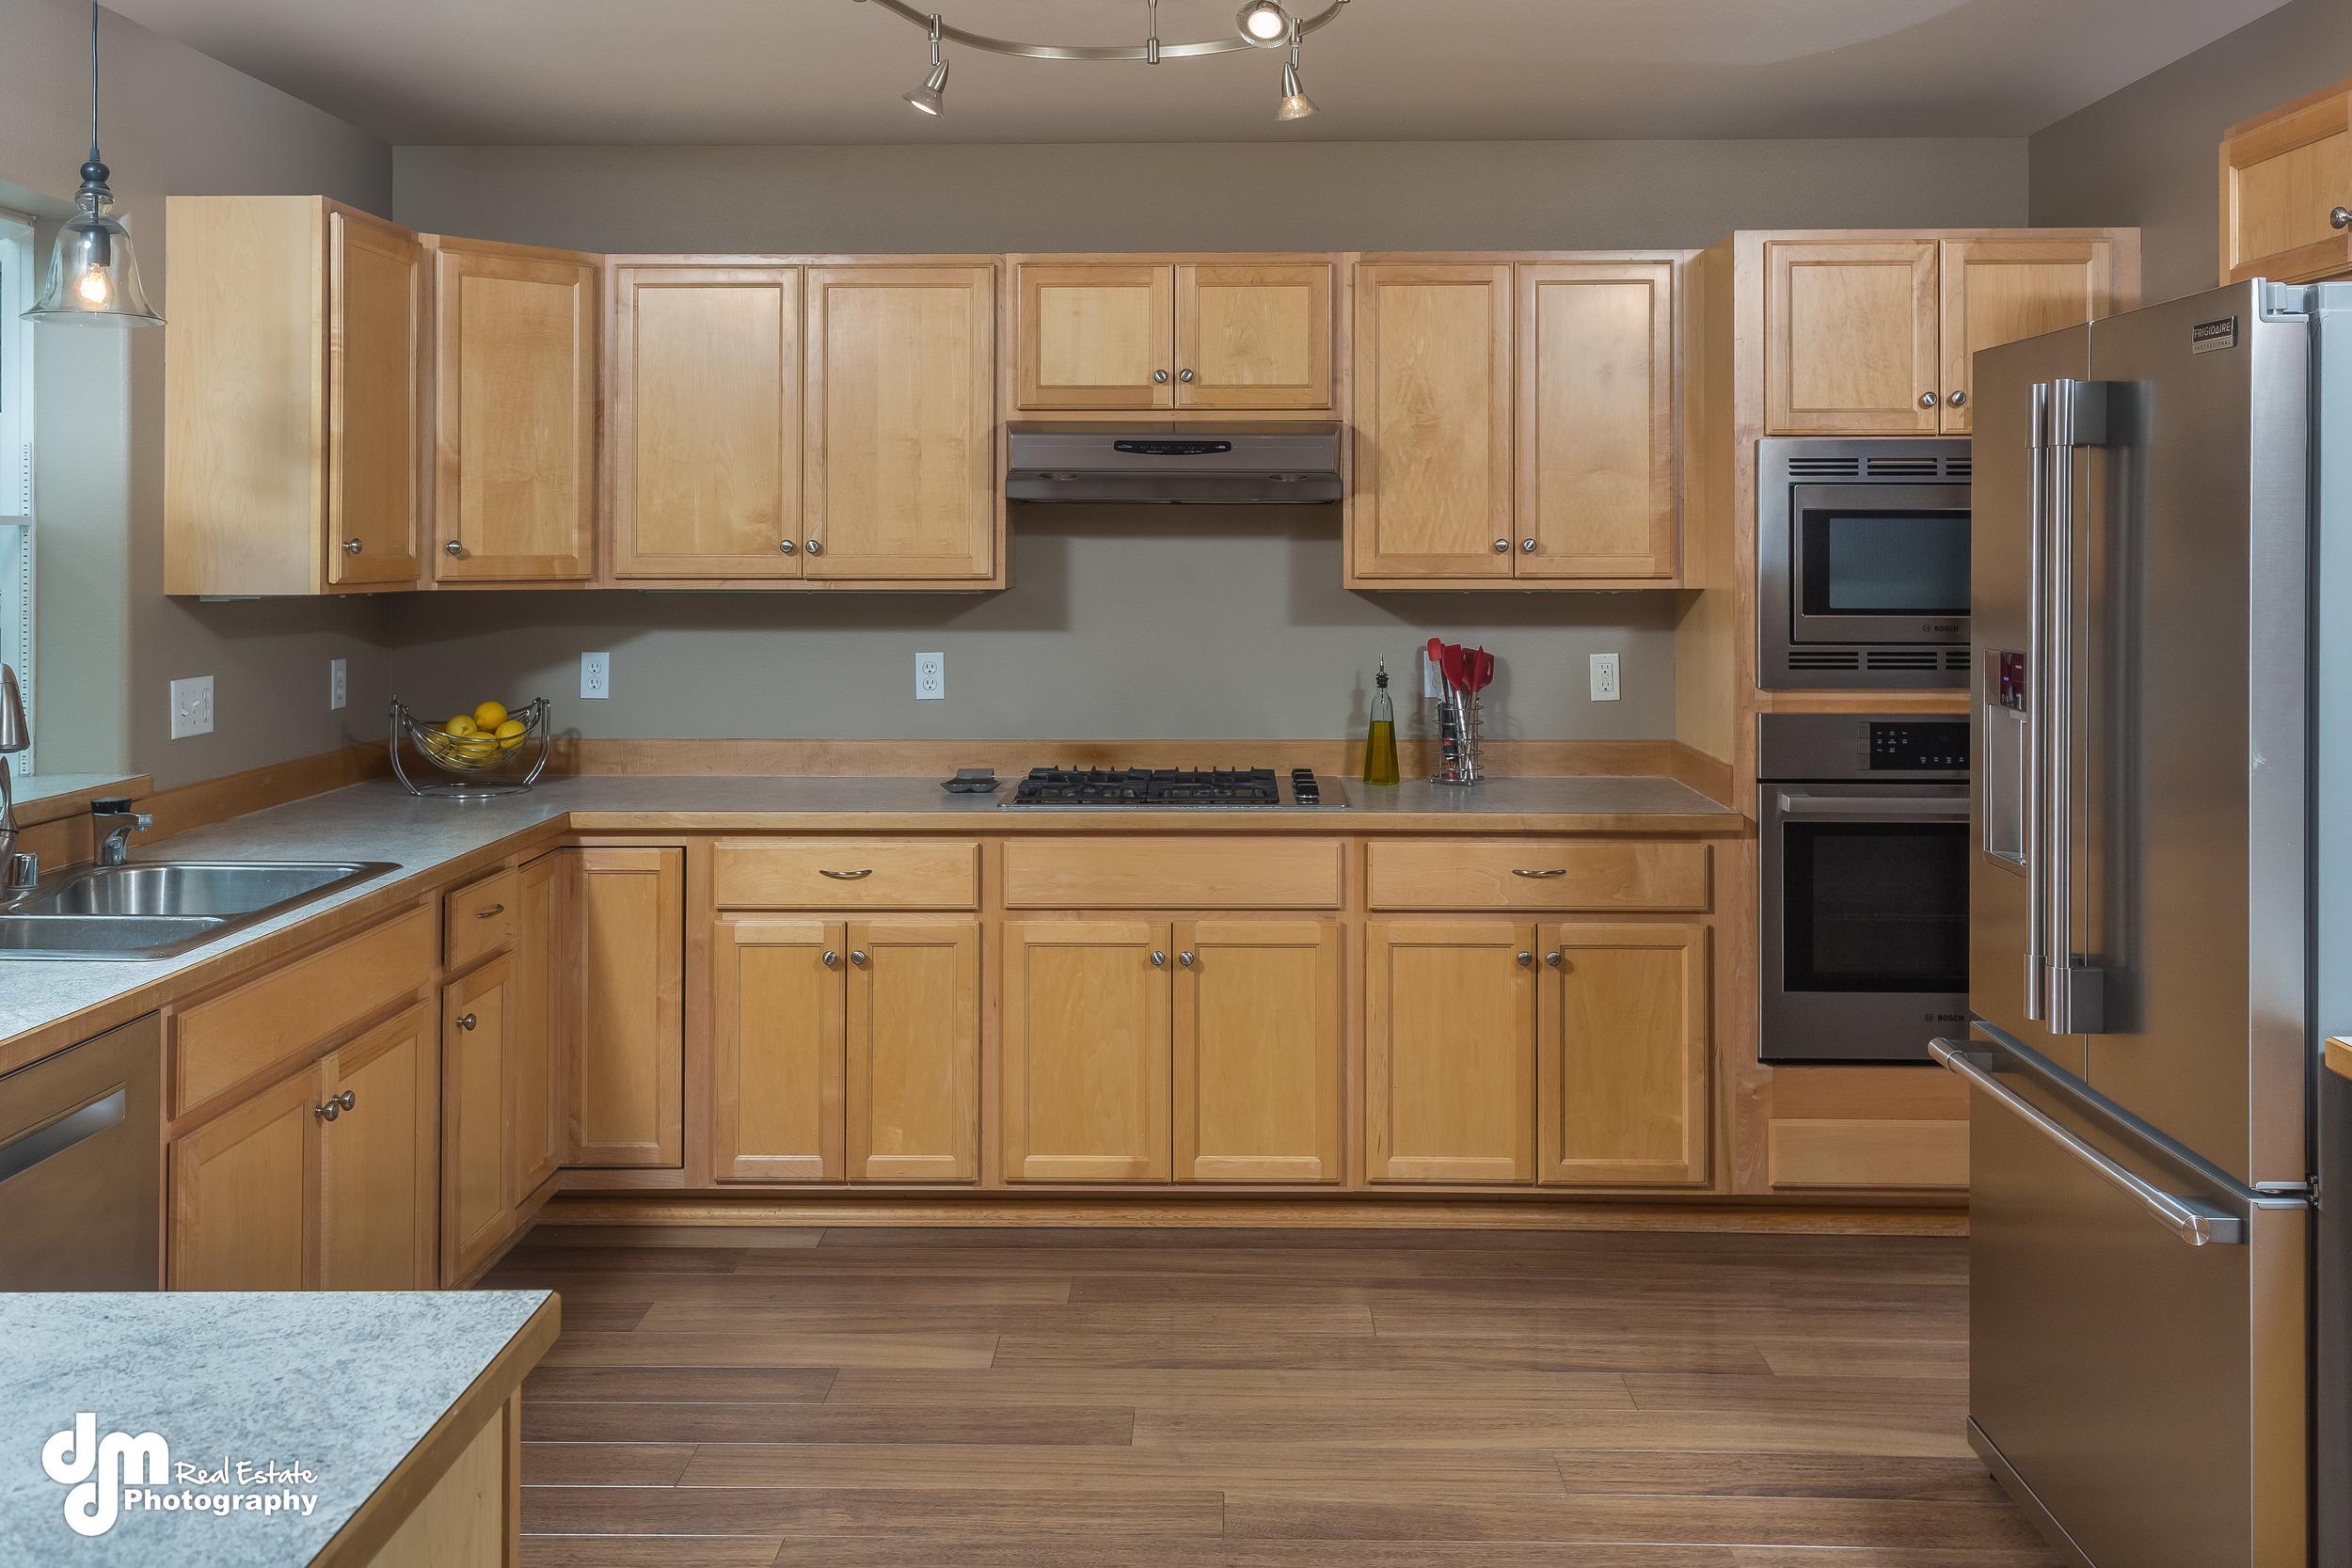 Kitchen_DMD_6765.jpg